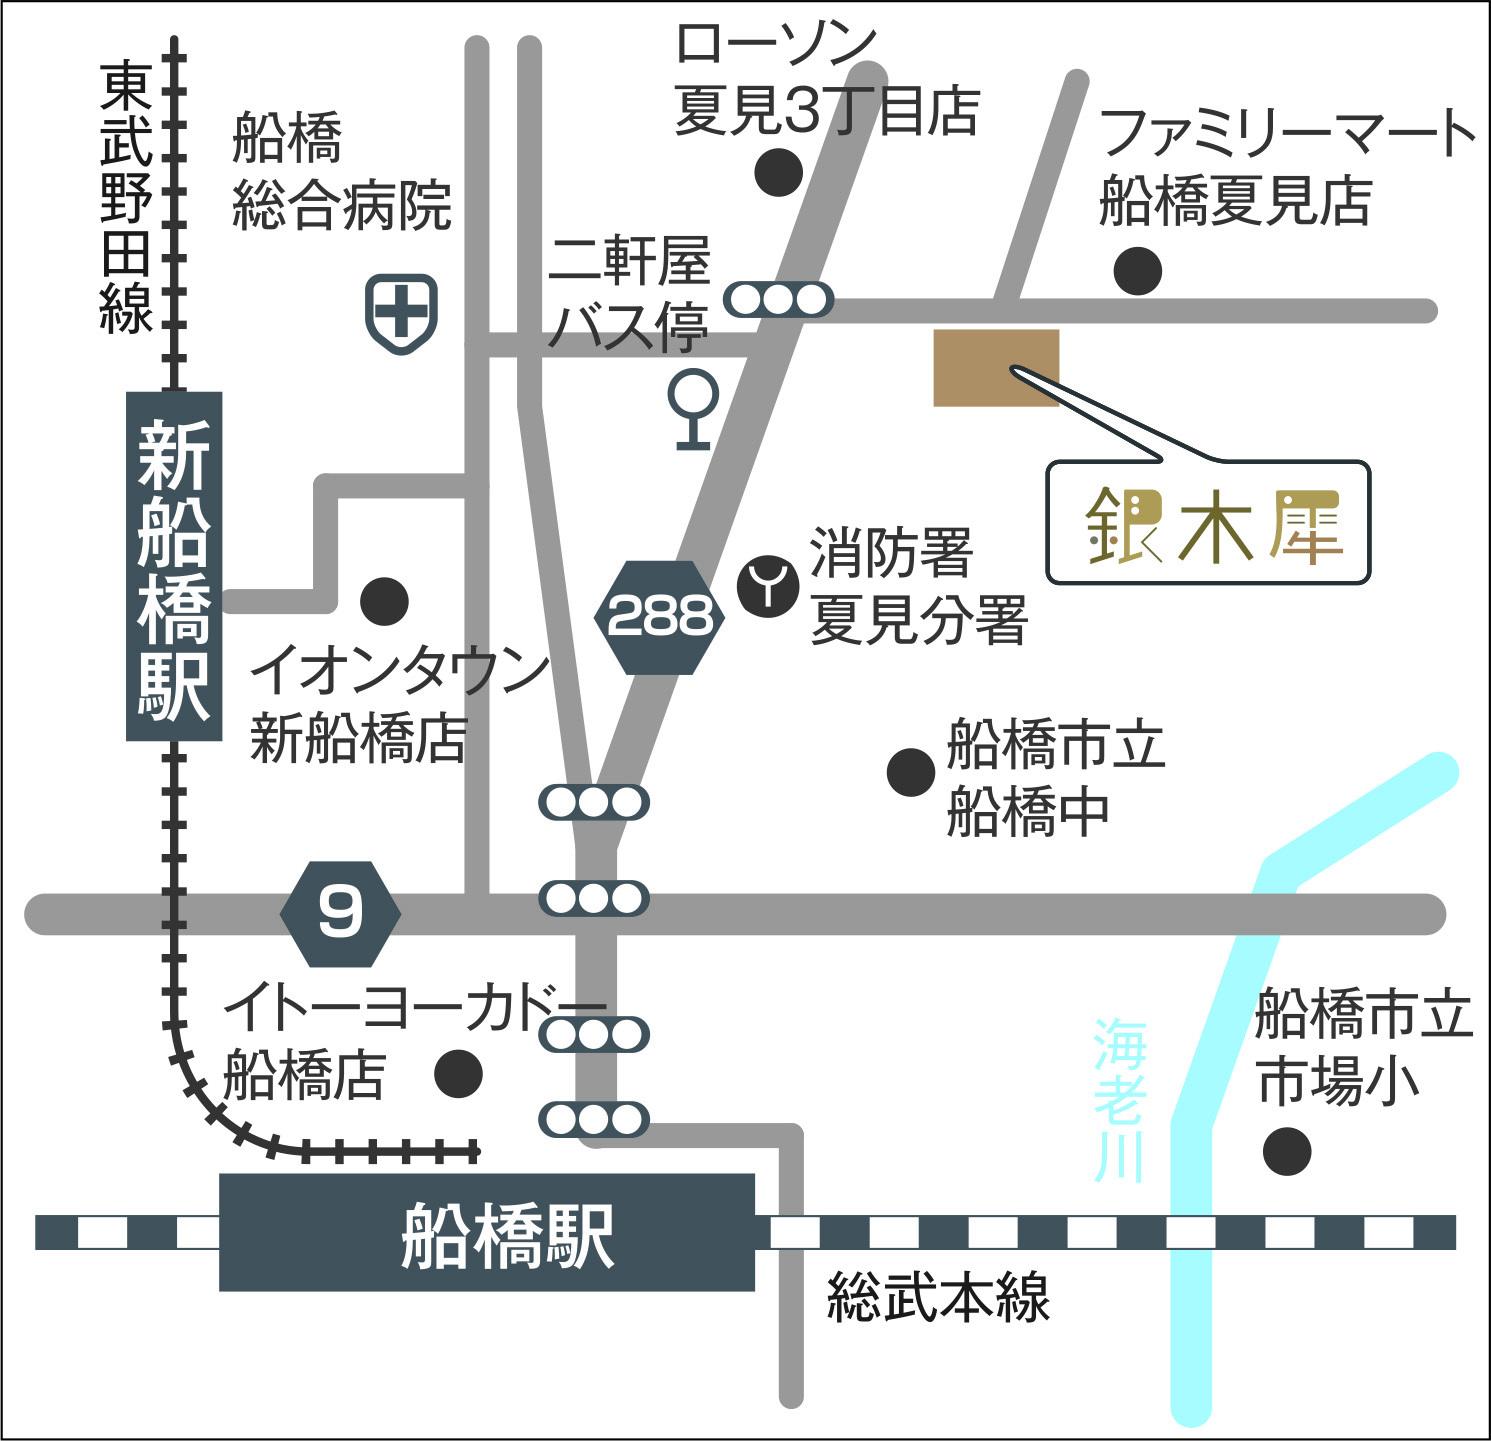 夏見の地図 (2)